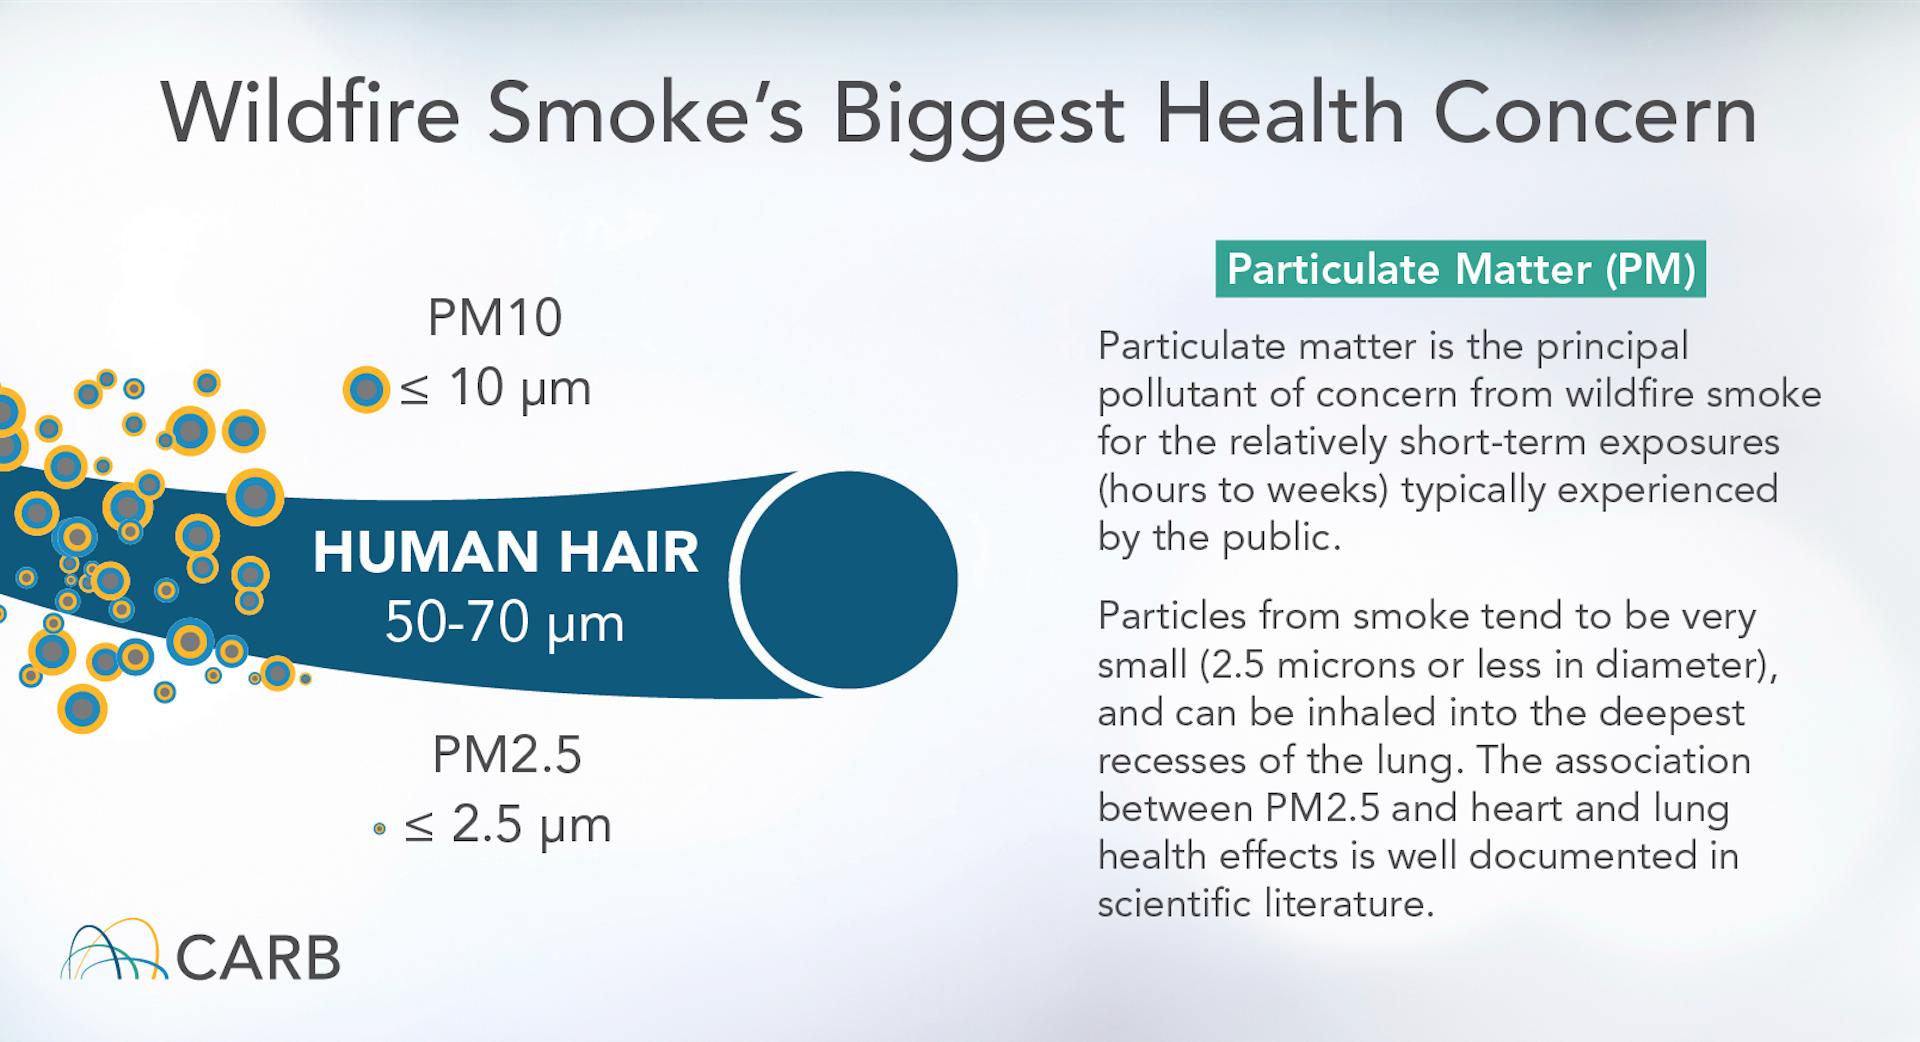 Partículas de fumaça de incêndio florestal incluem partículas de PM2,5 que são muito menores do que um fio de cabelo humano. California Air Resources Board